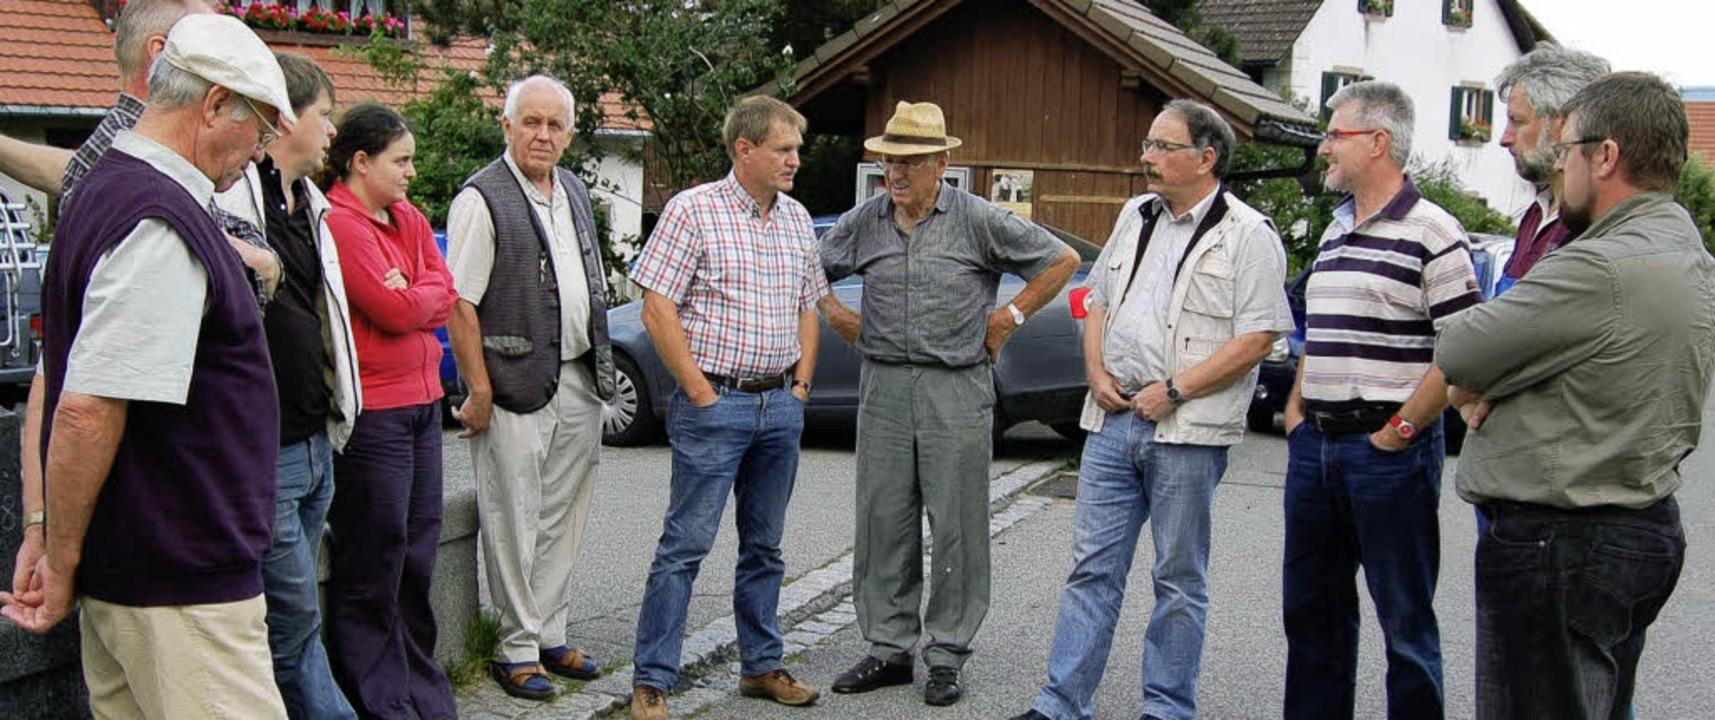 Im Gespräch mit Bürgern: Die Teilnehmer der CDU-Tour de Zell in Pfaffenberg.      Foto: Paul berger